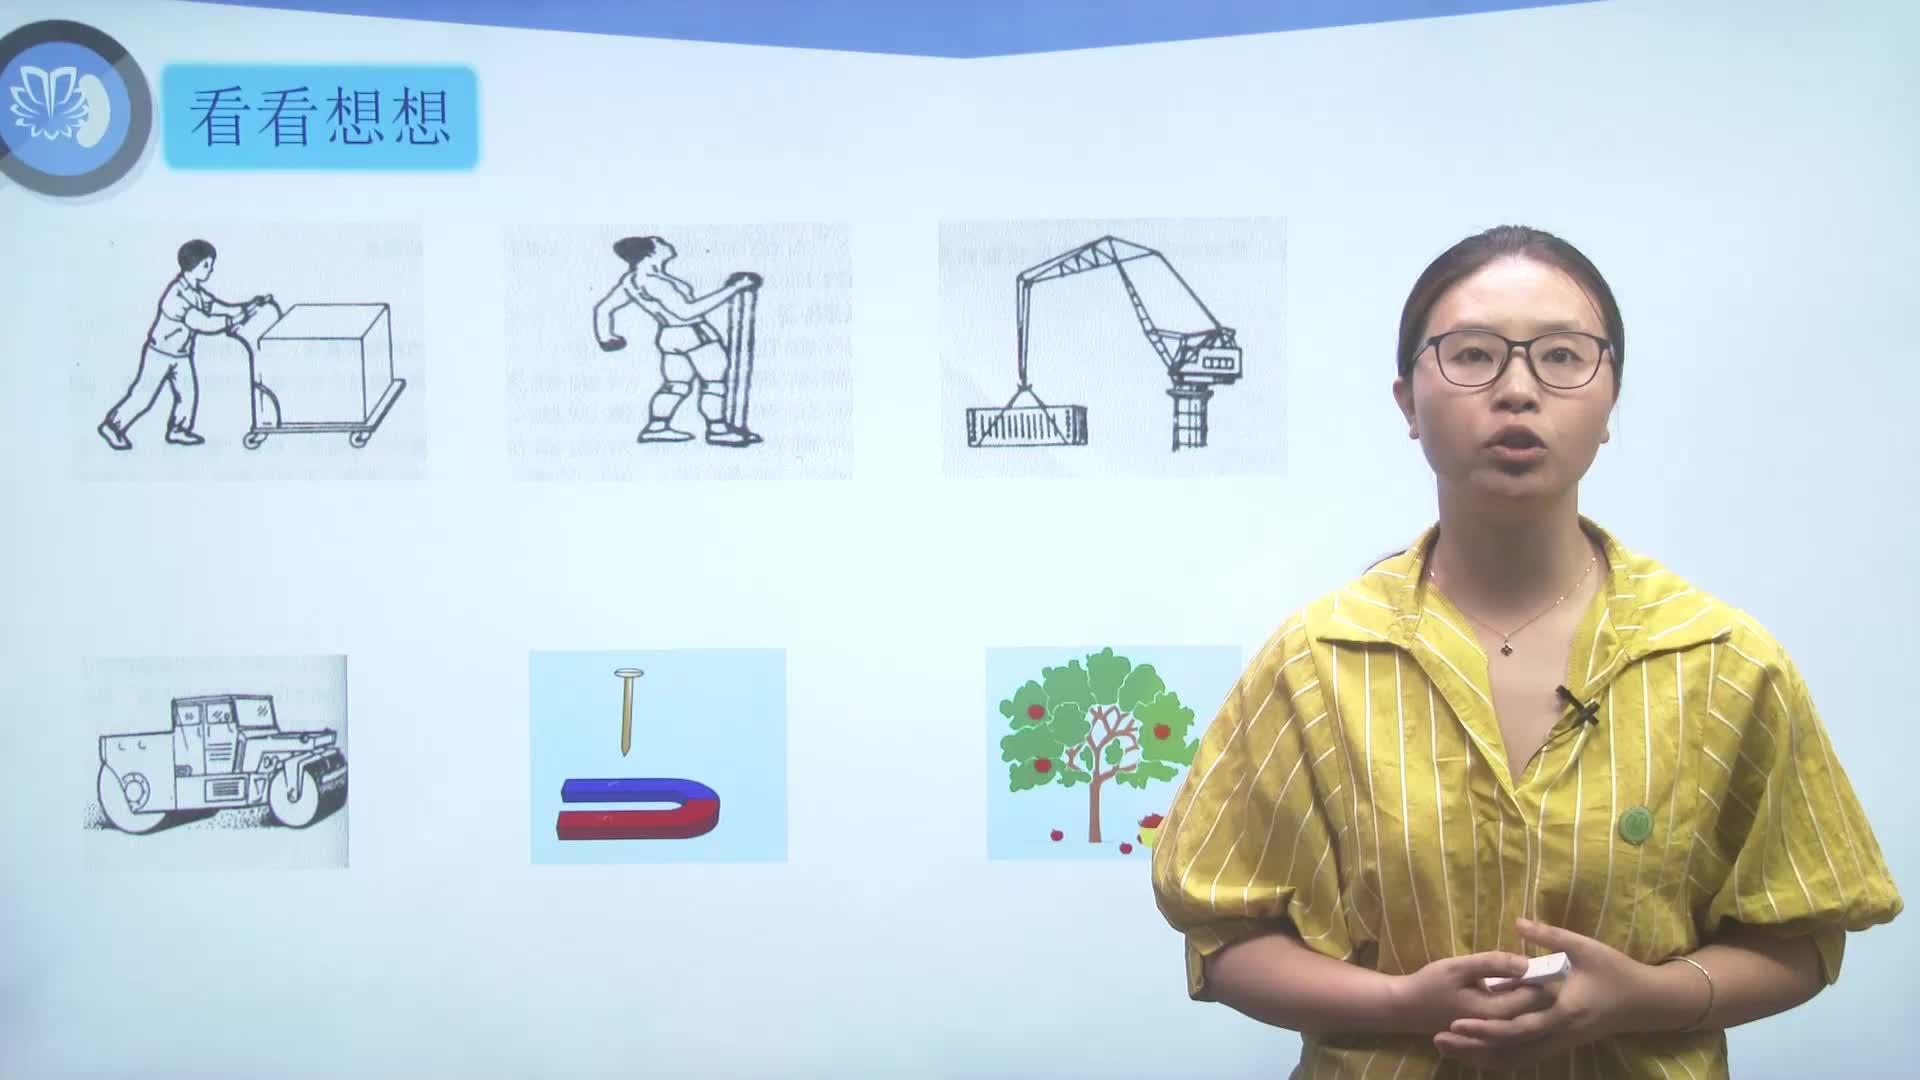 【限时免费】视频7.1.1力1-【慕联】初中完全同步系列人教版物理八年级下册